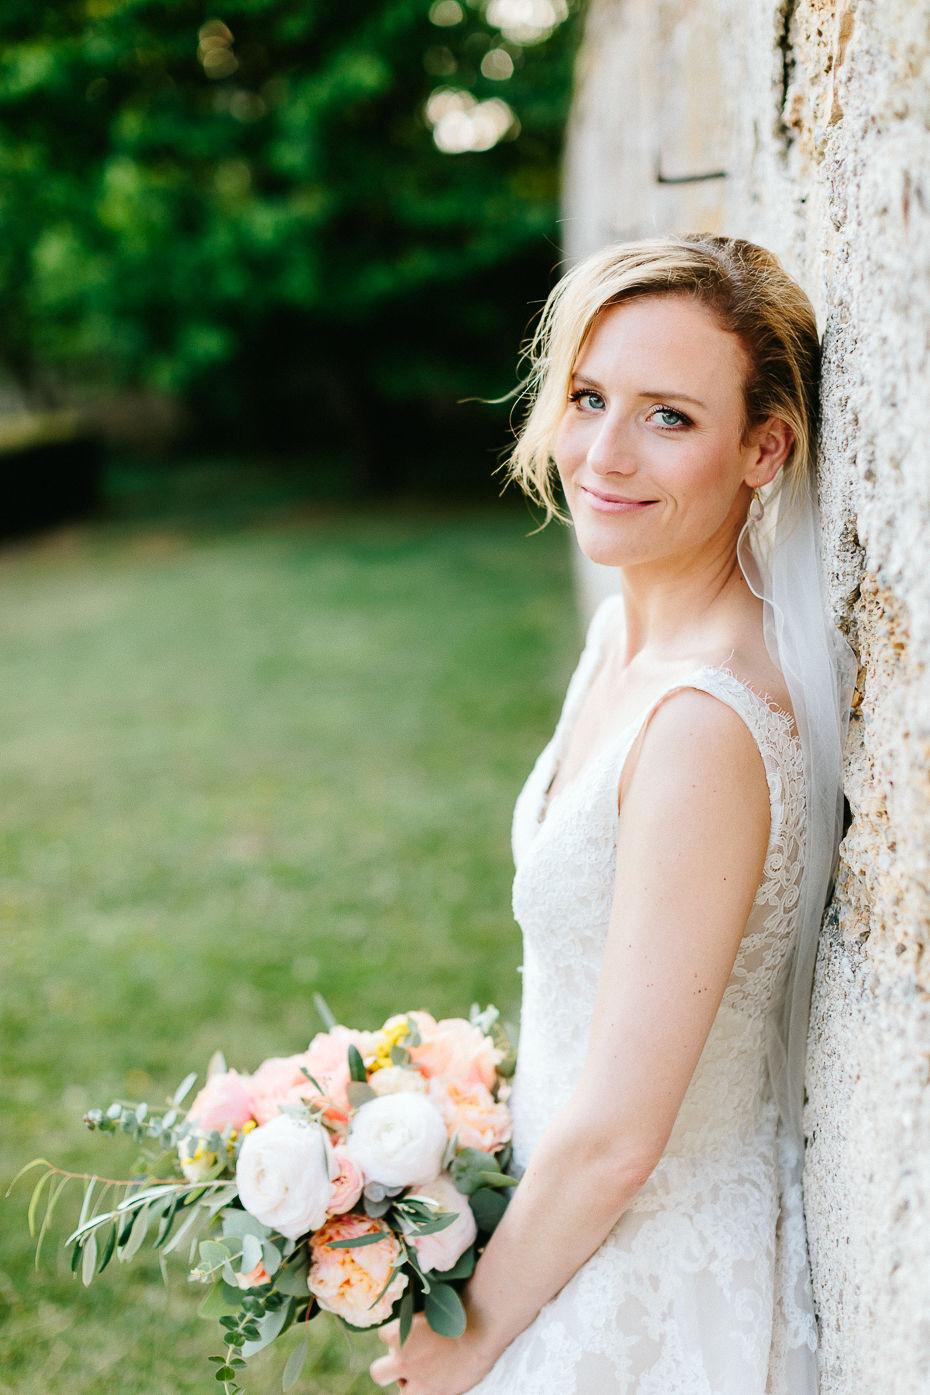 Michaela+Patrick - MP-Hochzeit-Schloss-Walpersdorf-069.jpg